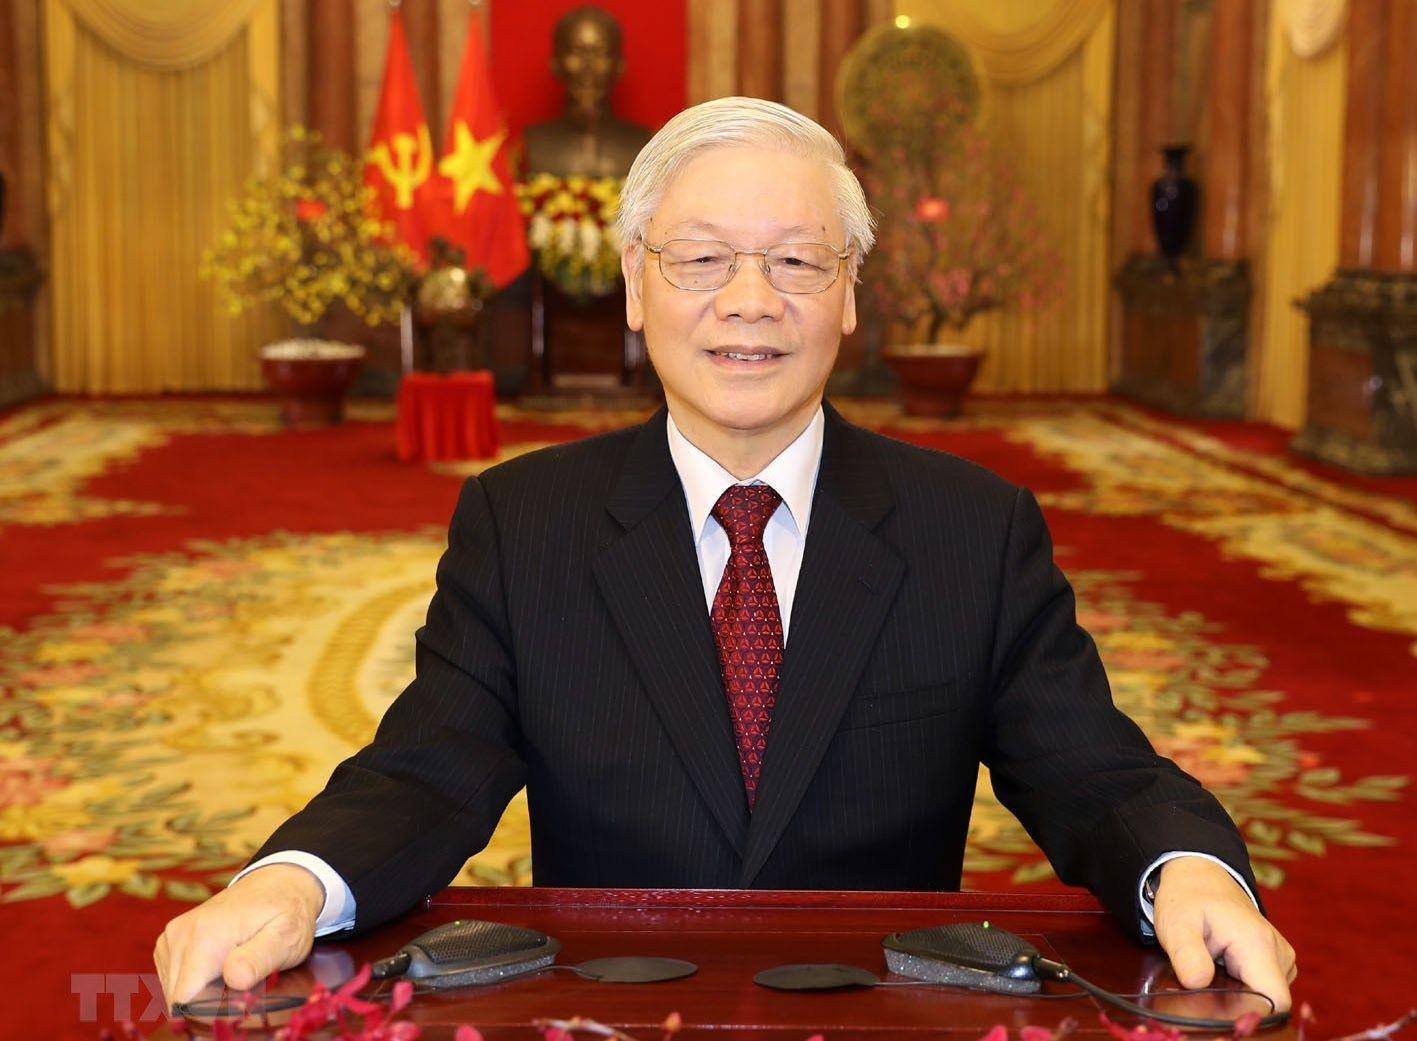 Chủ tịch nước đã thực hiện hiệu quả các nhiệm vụ, quyền hạn được giao - Ảnh 1